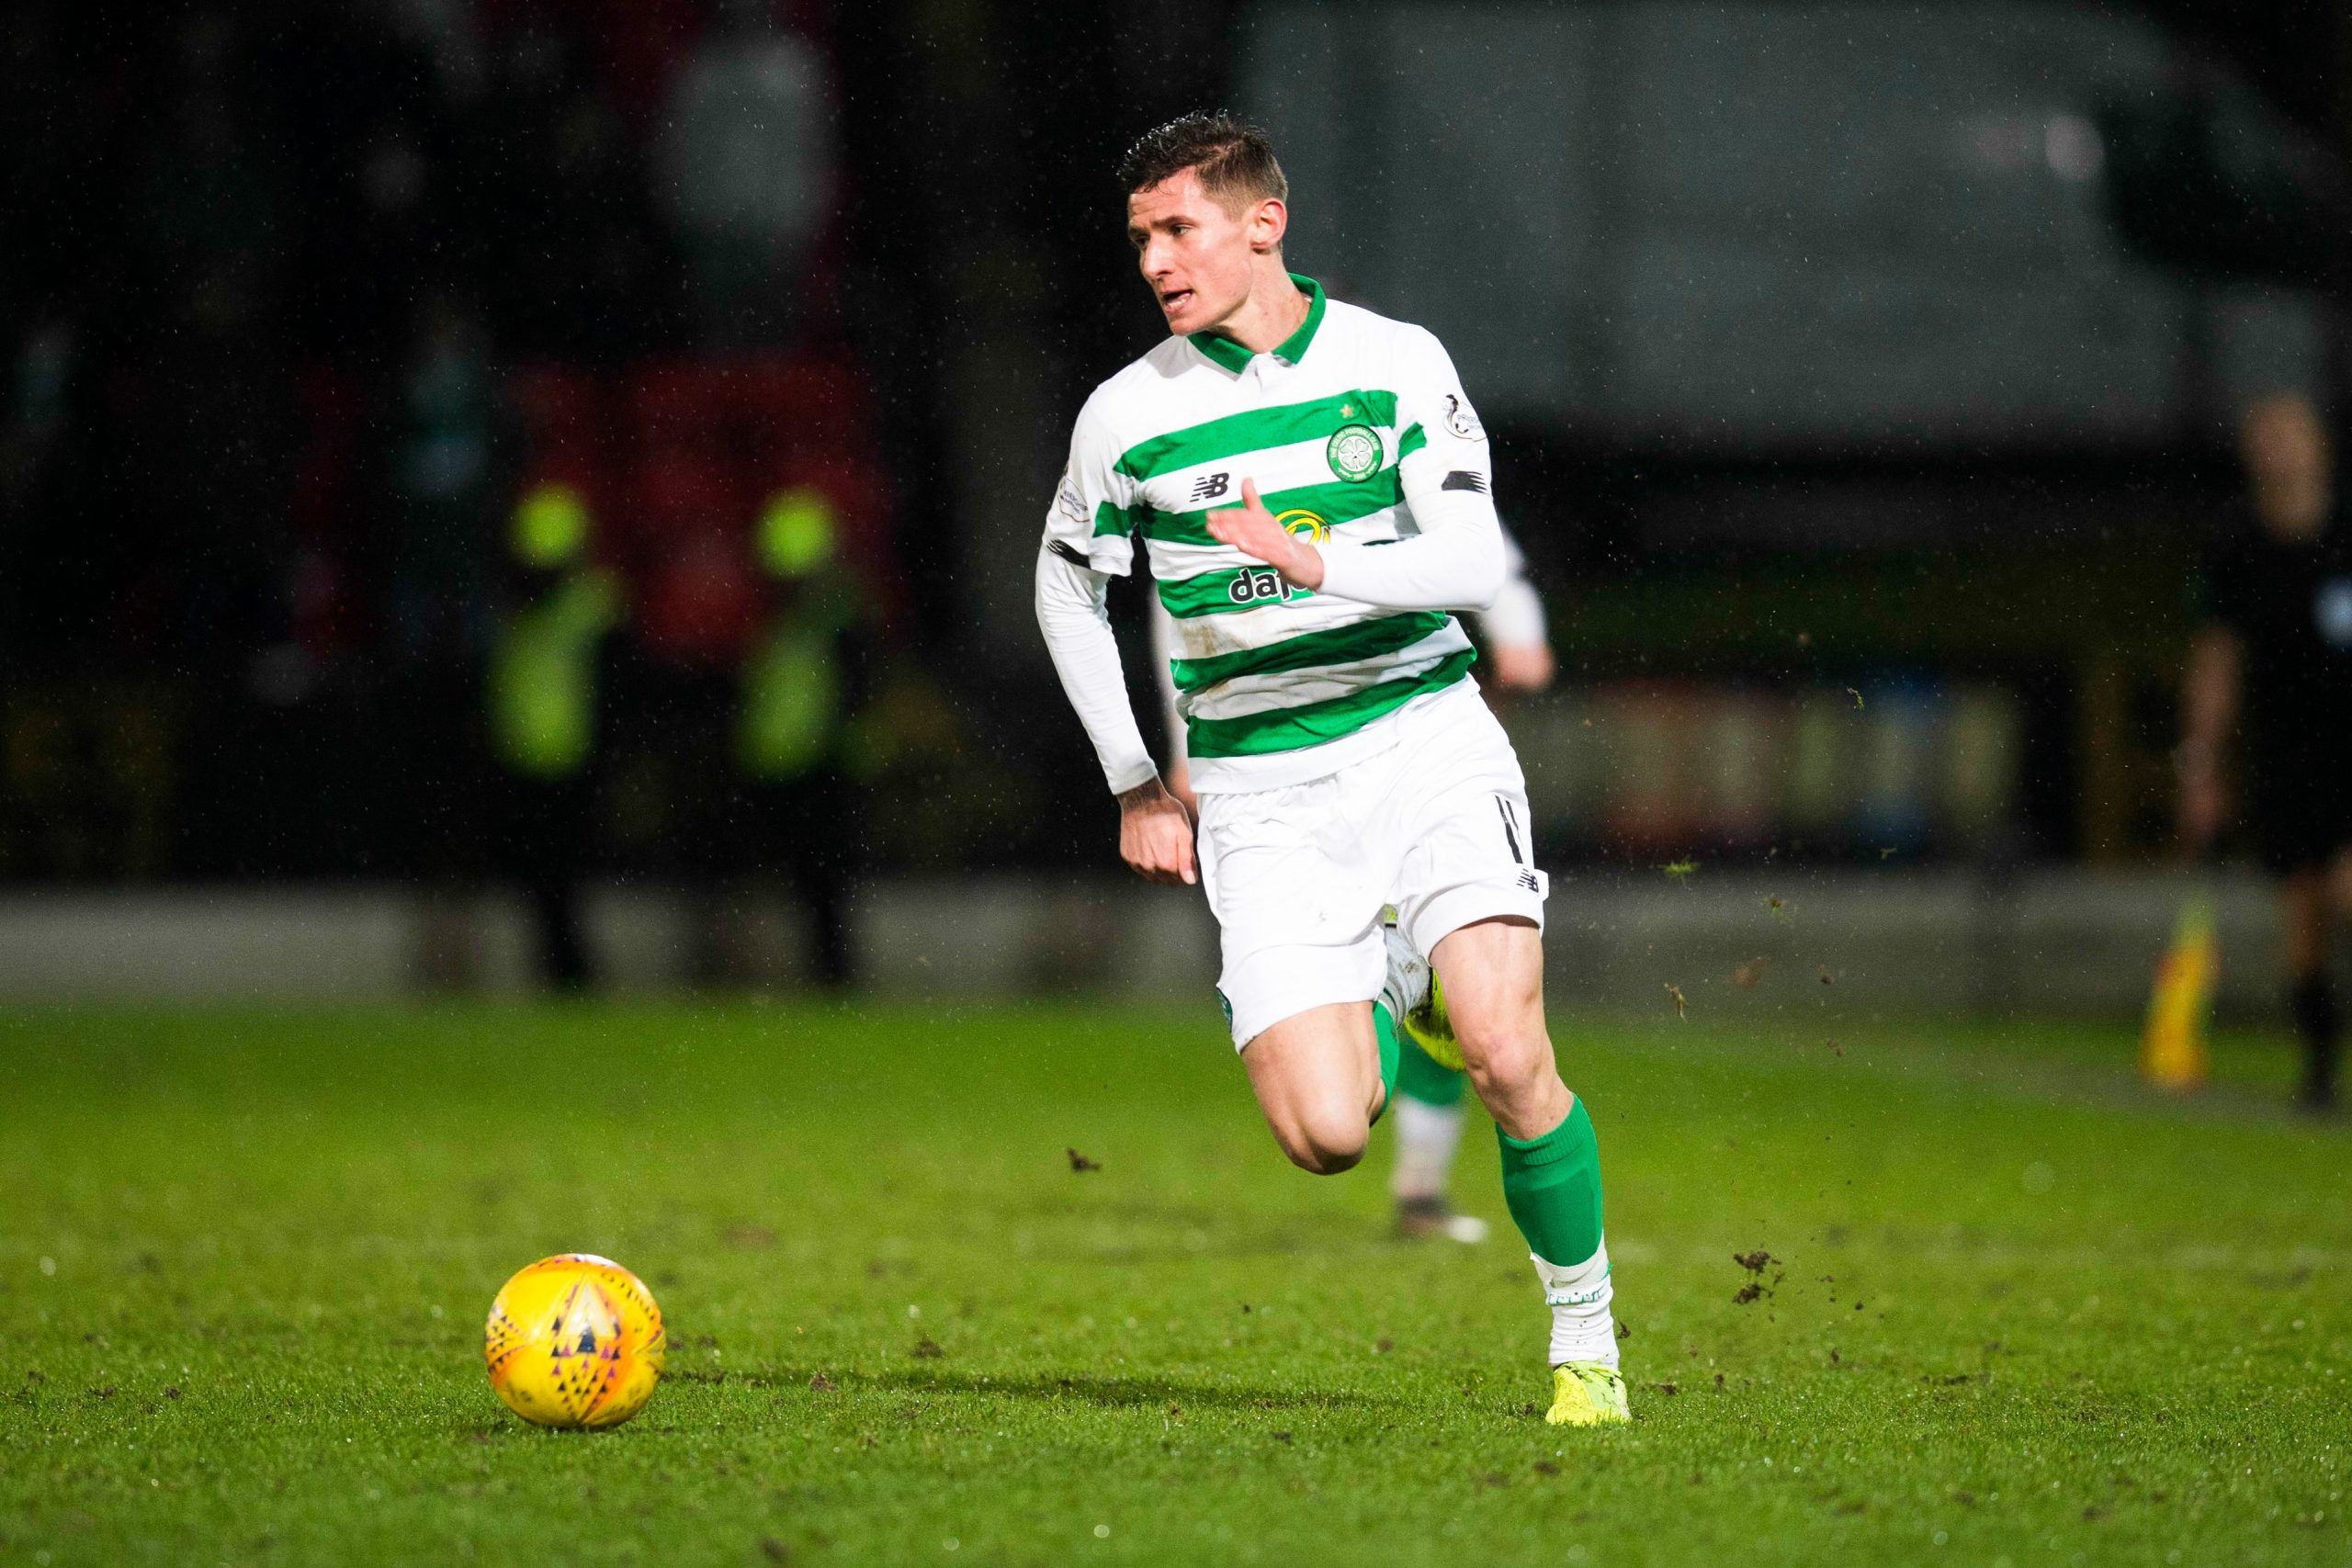 """PSG/Celtic - Patryk Klimala n'est pas impressionné """"nous avons une bonne chance de gagner"""""""